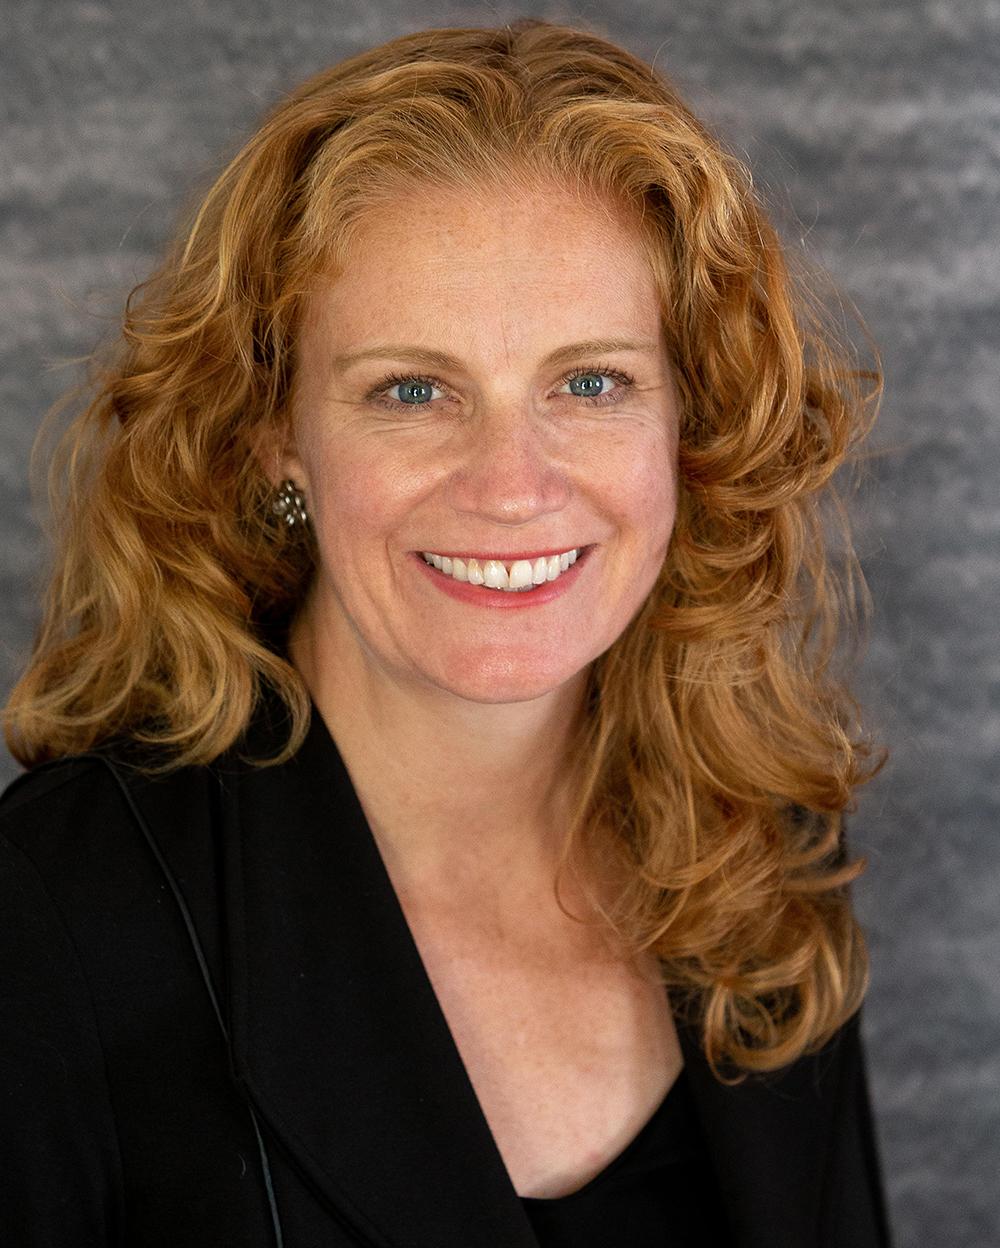 Kara Finnegan